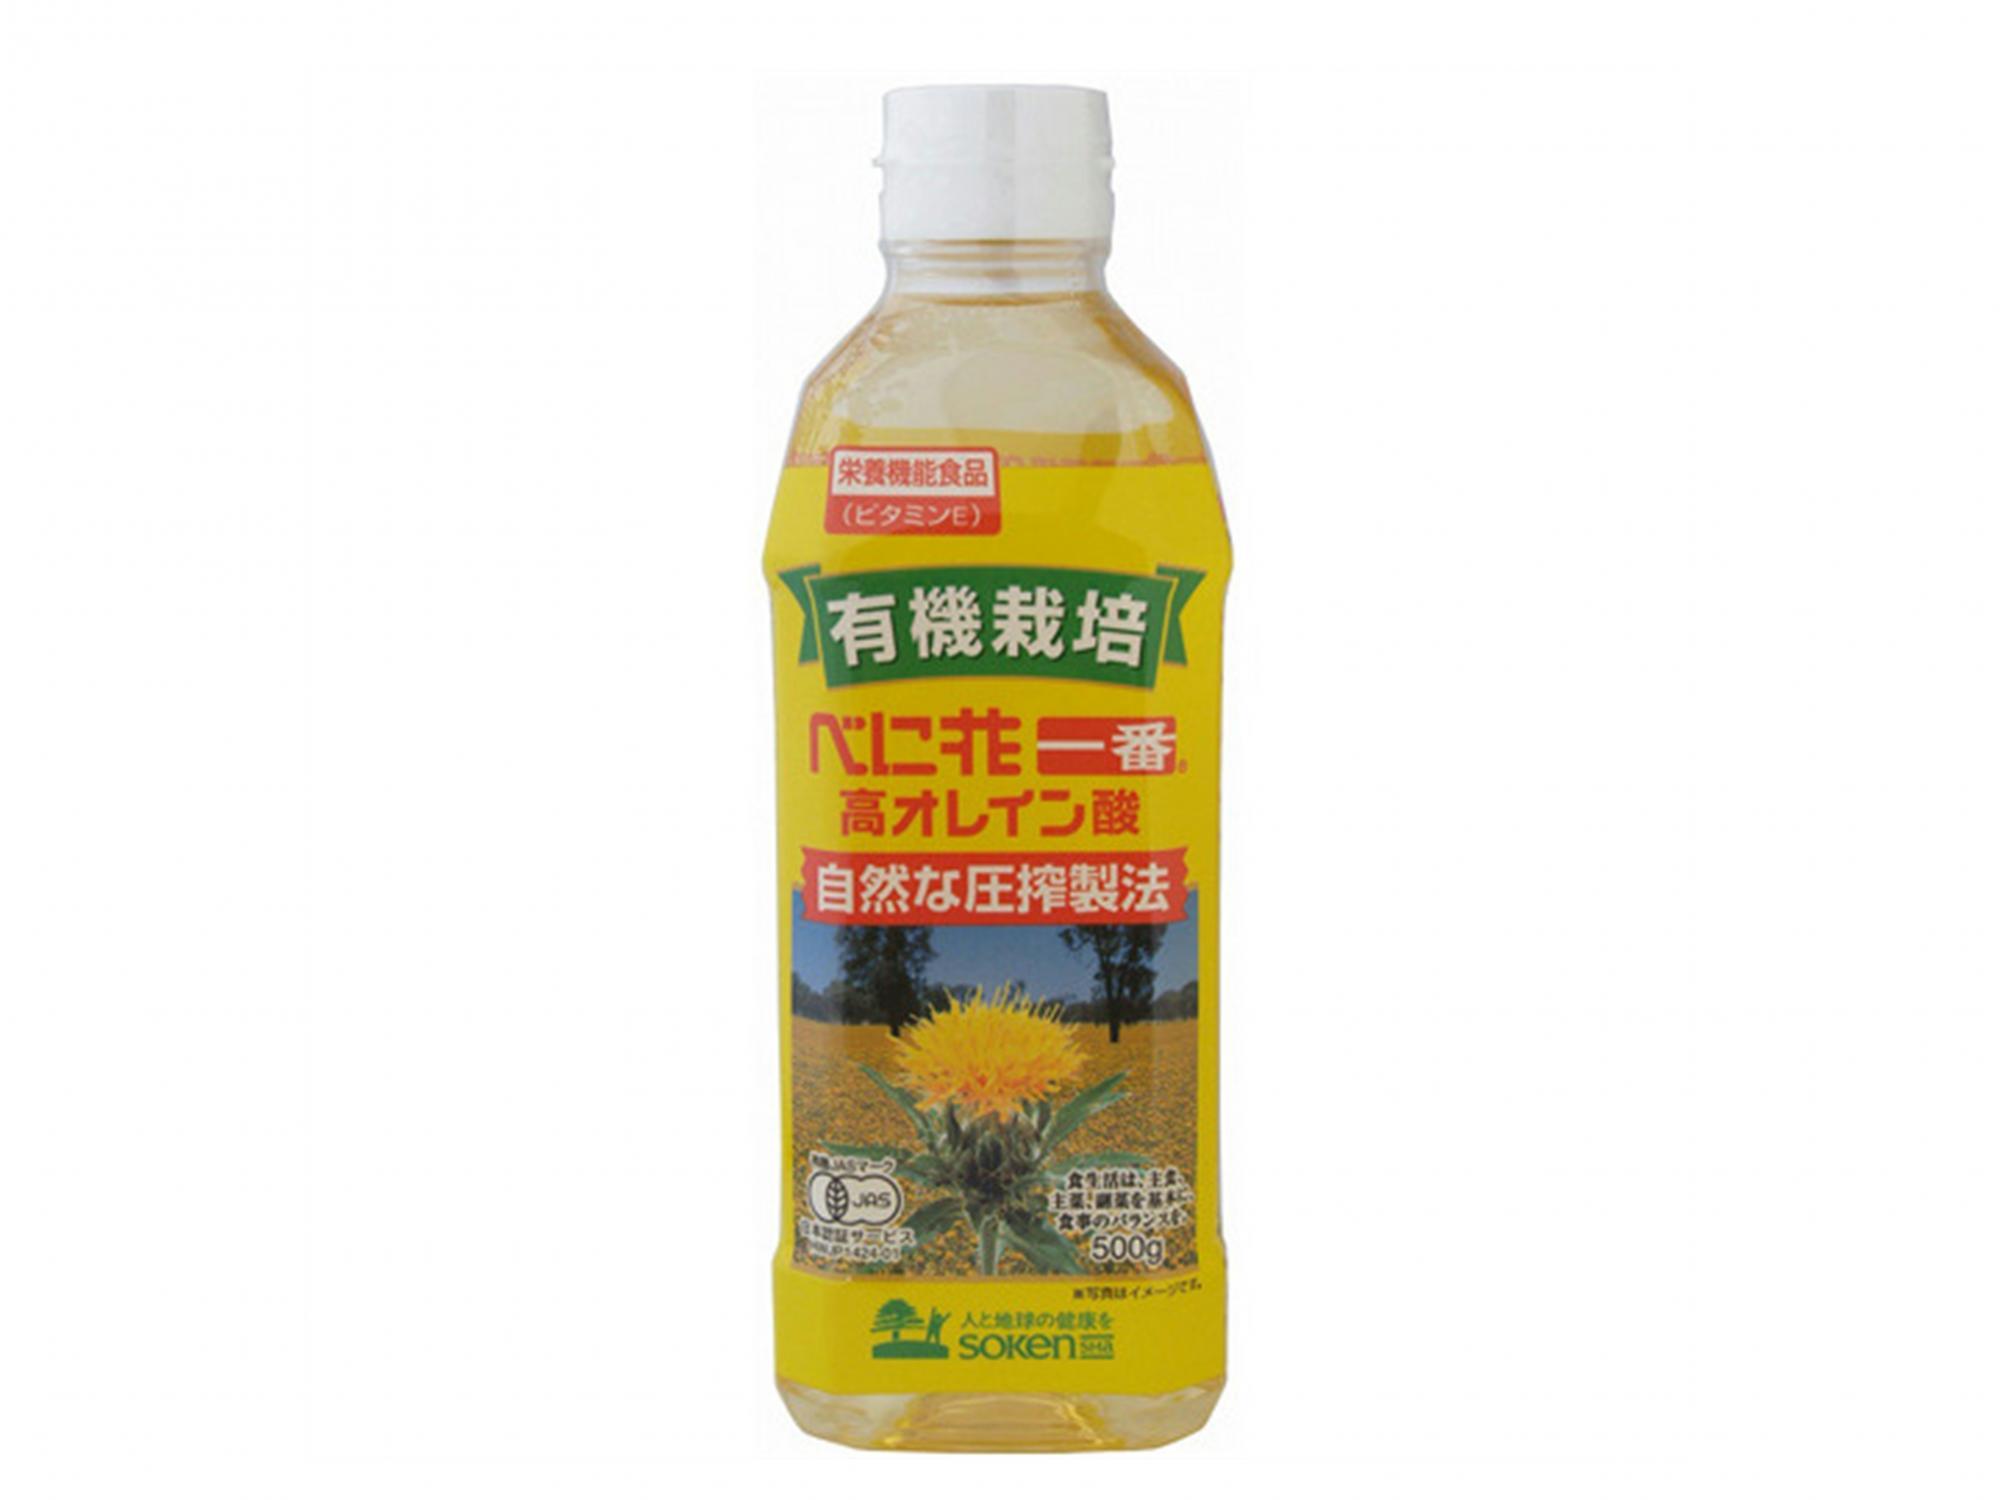 創健社べに花一番高オレイン酸500g   スーパーマーケット・ガンピー